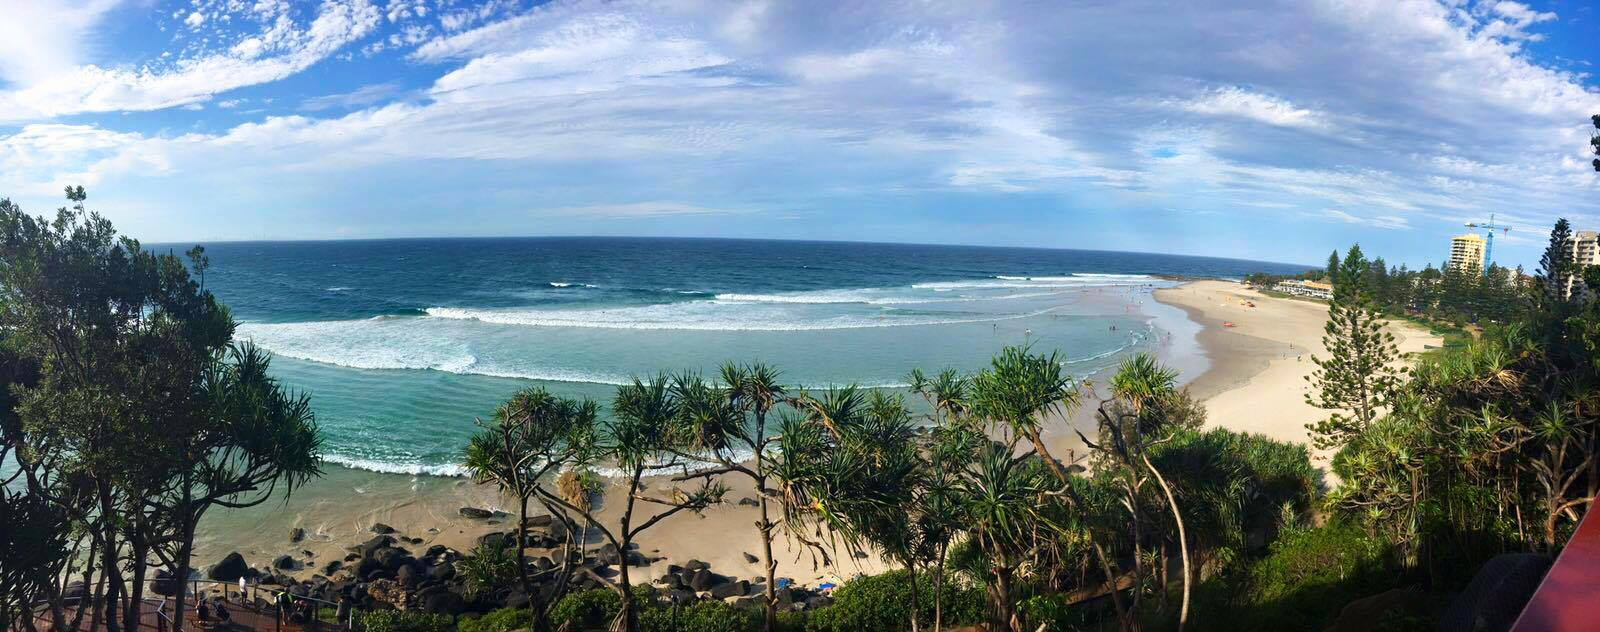 playas de Queensland, Australia